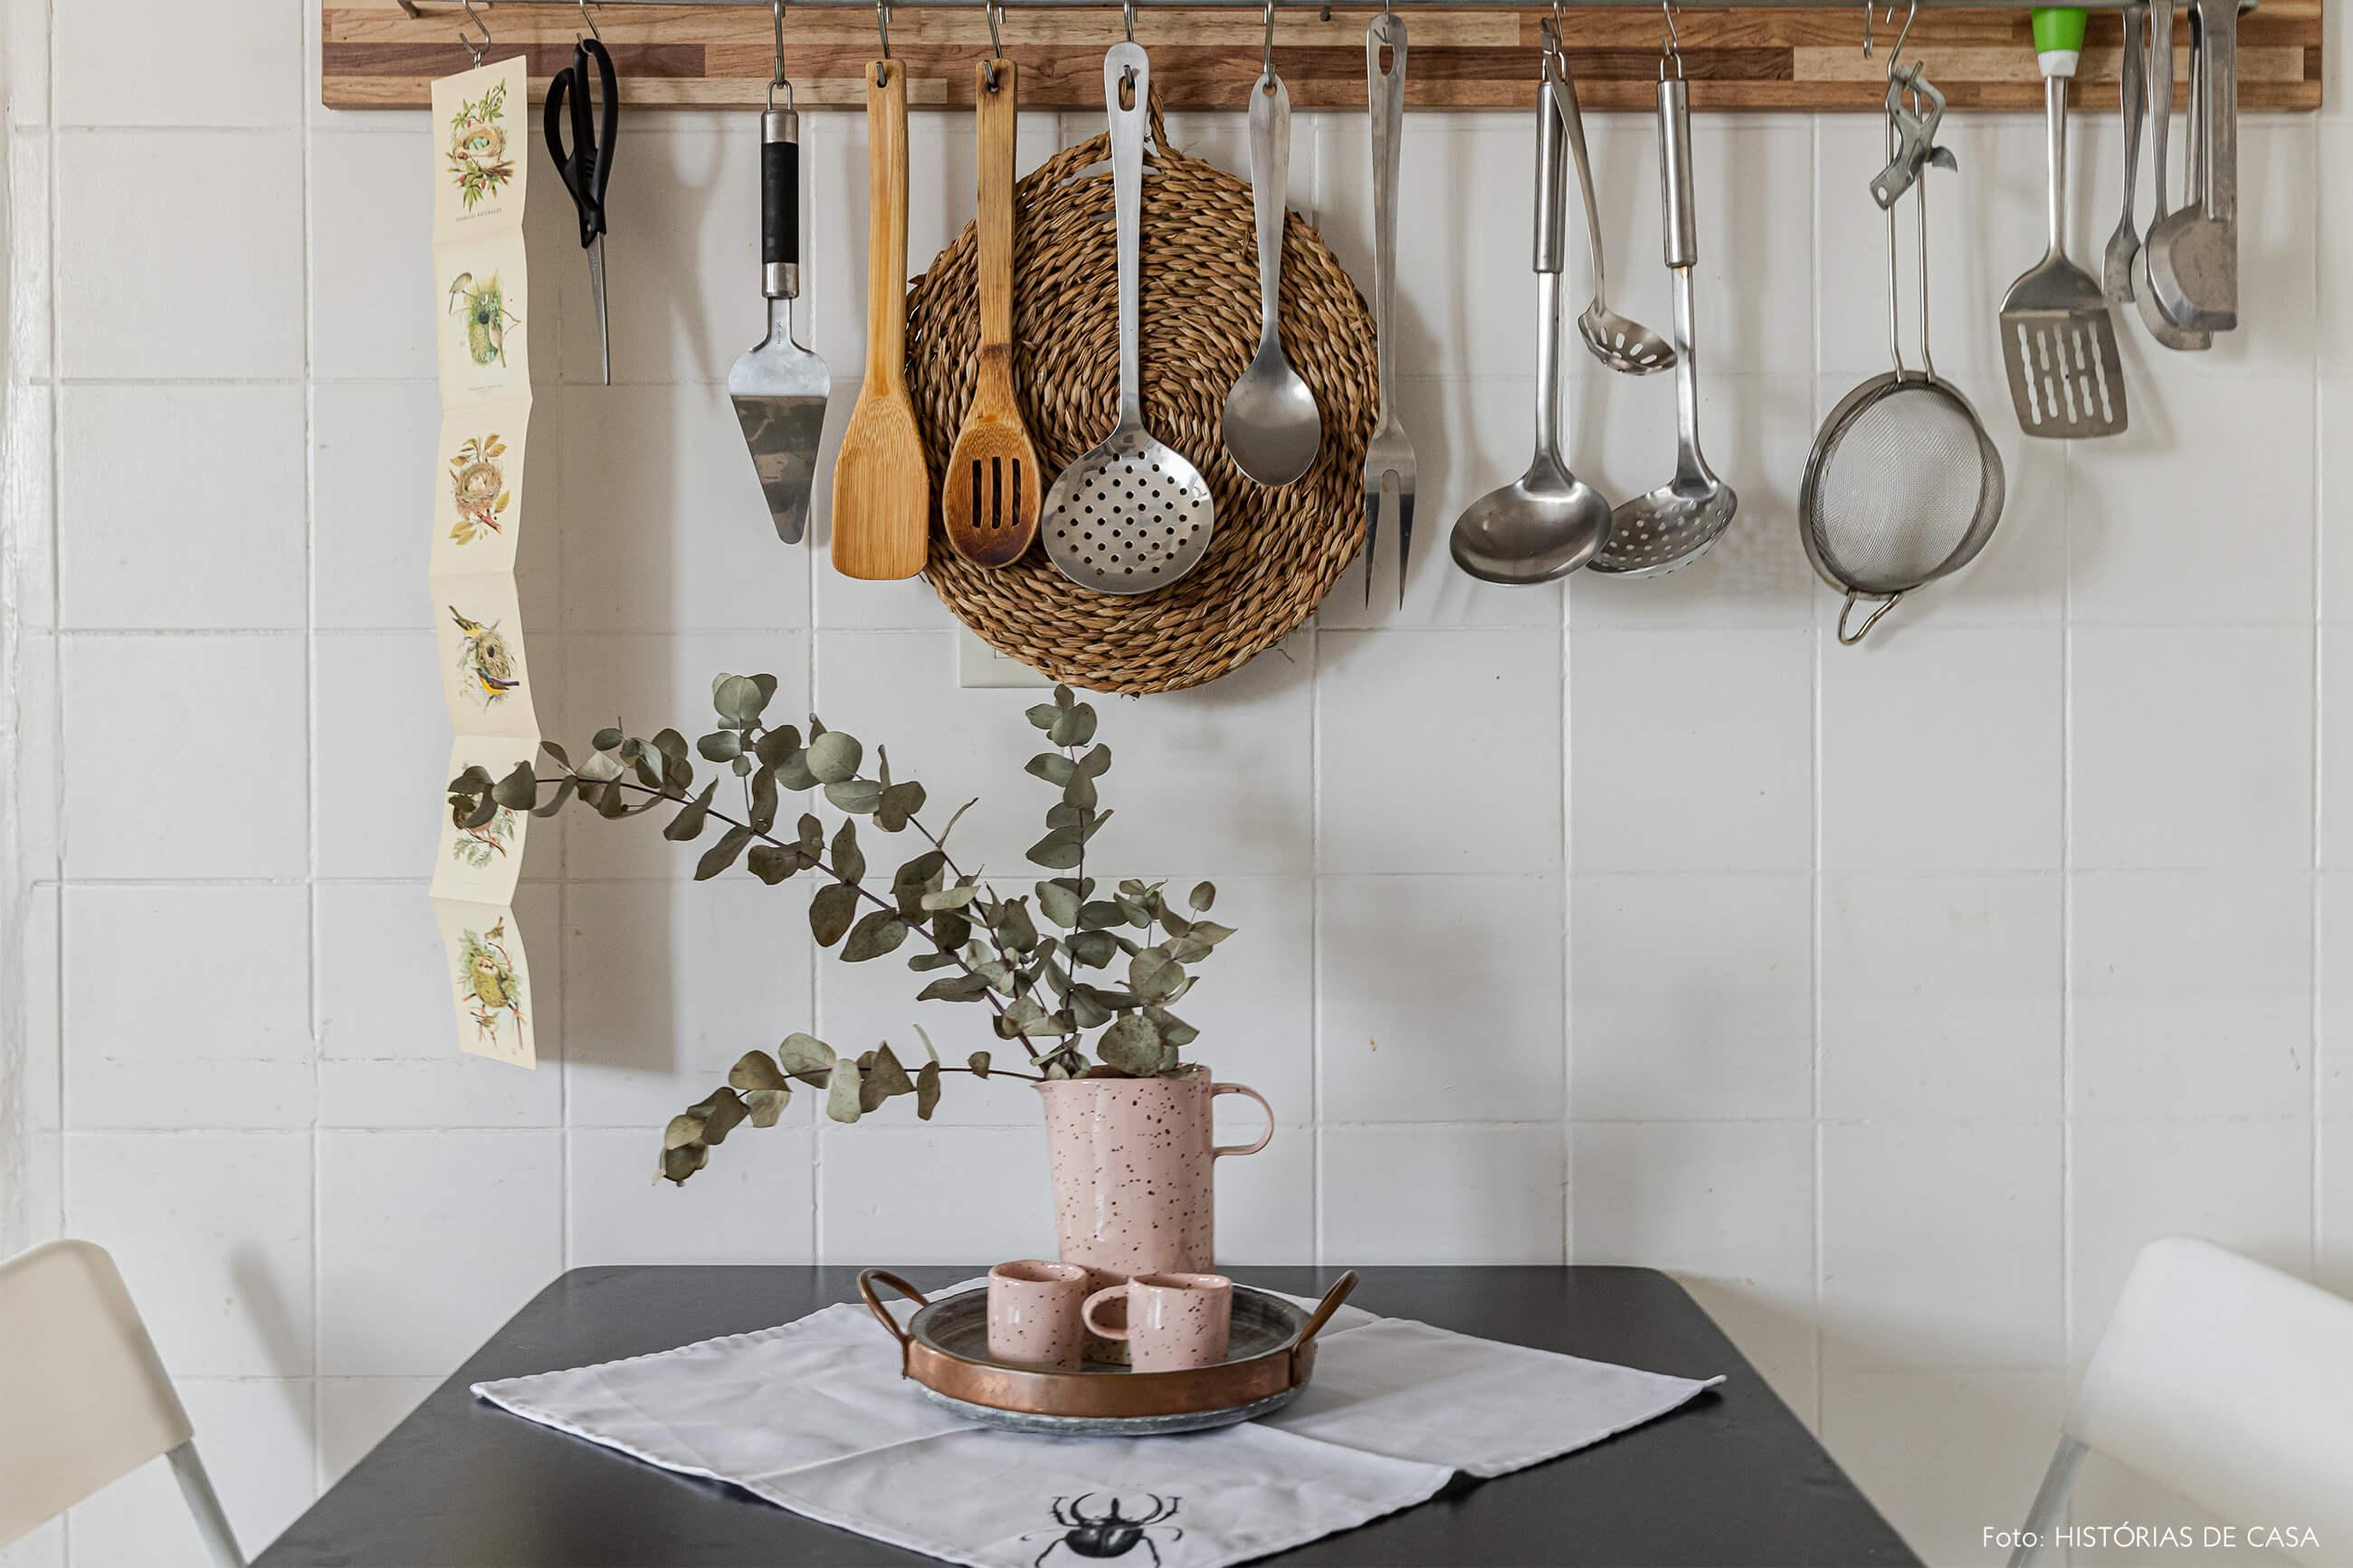 decoração-cozinha-com-ceramica-rosa-e-planta